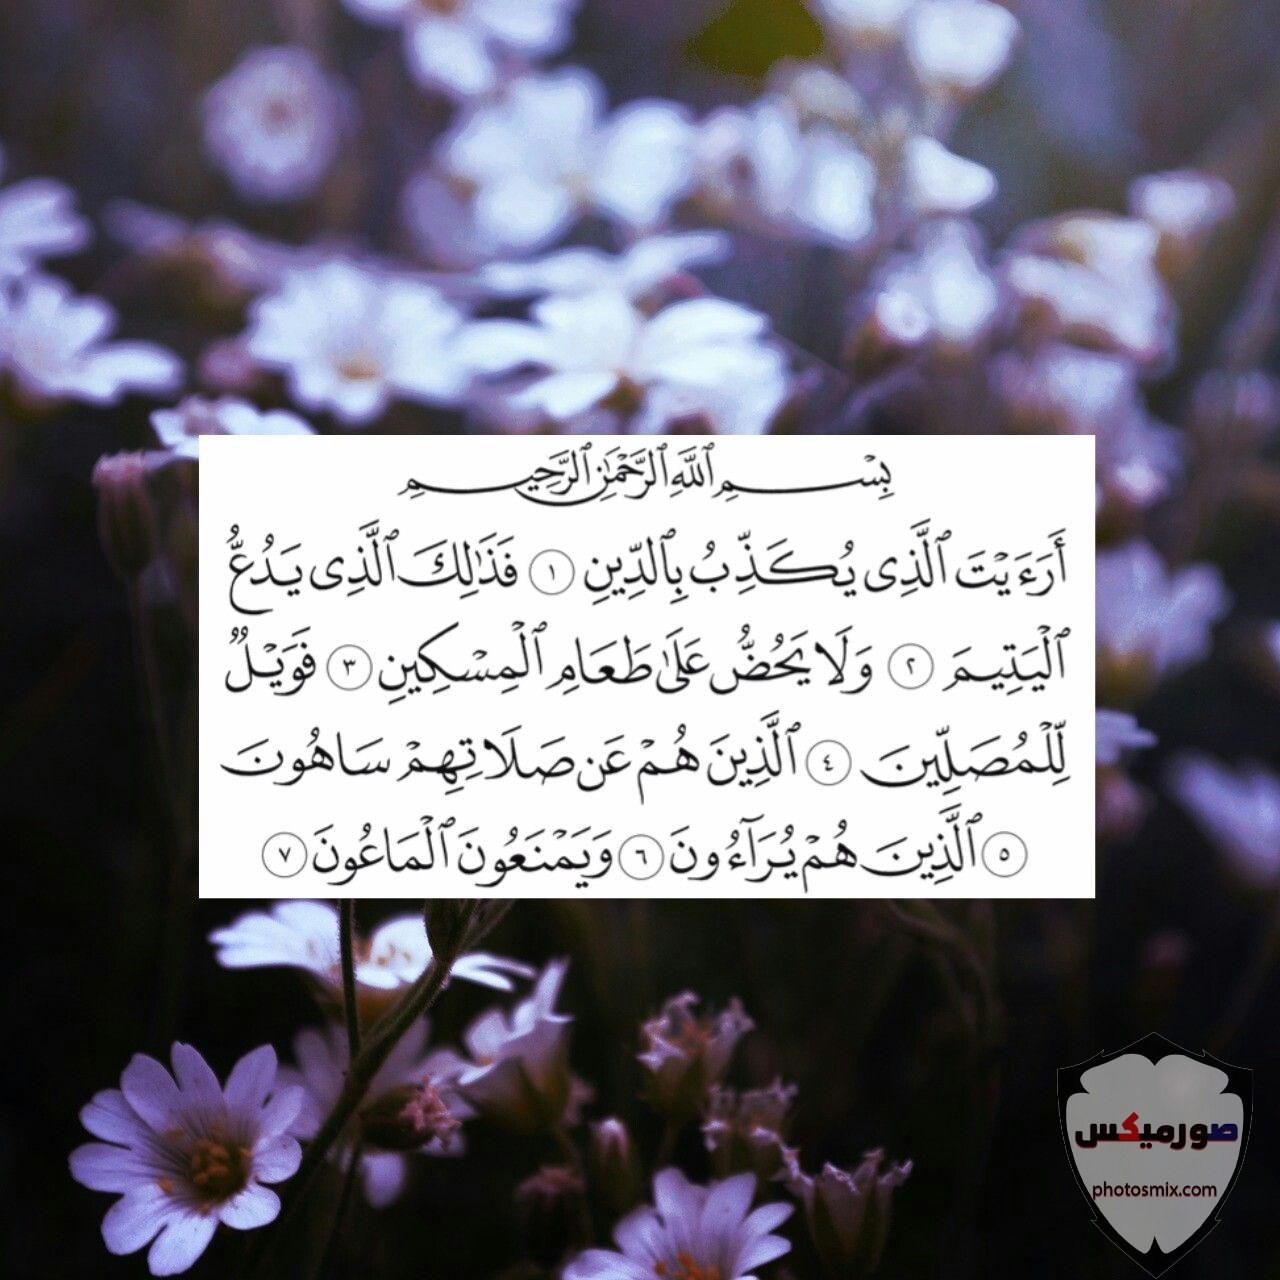 صور قرآن جميلة صور دعاء ادعية مصور صور وخلفيات مكتوب عليها الله 17